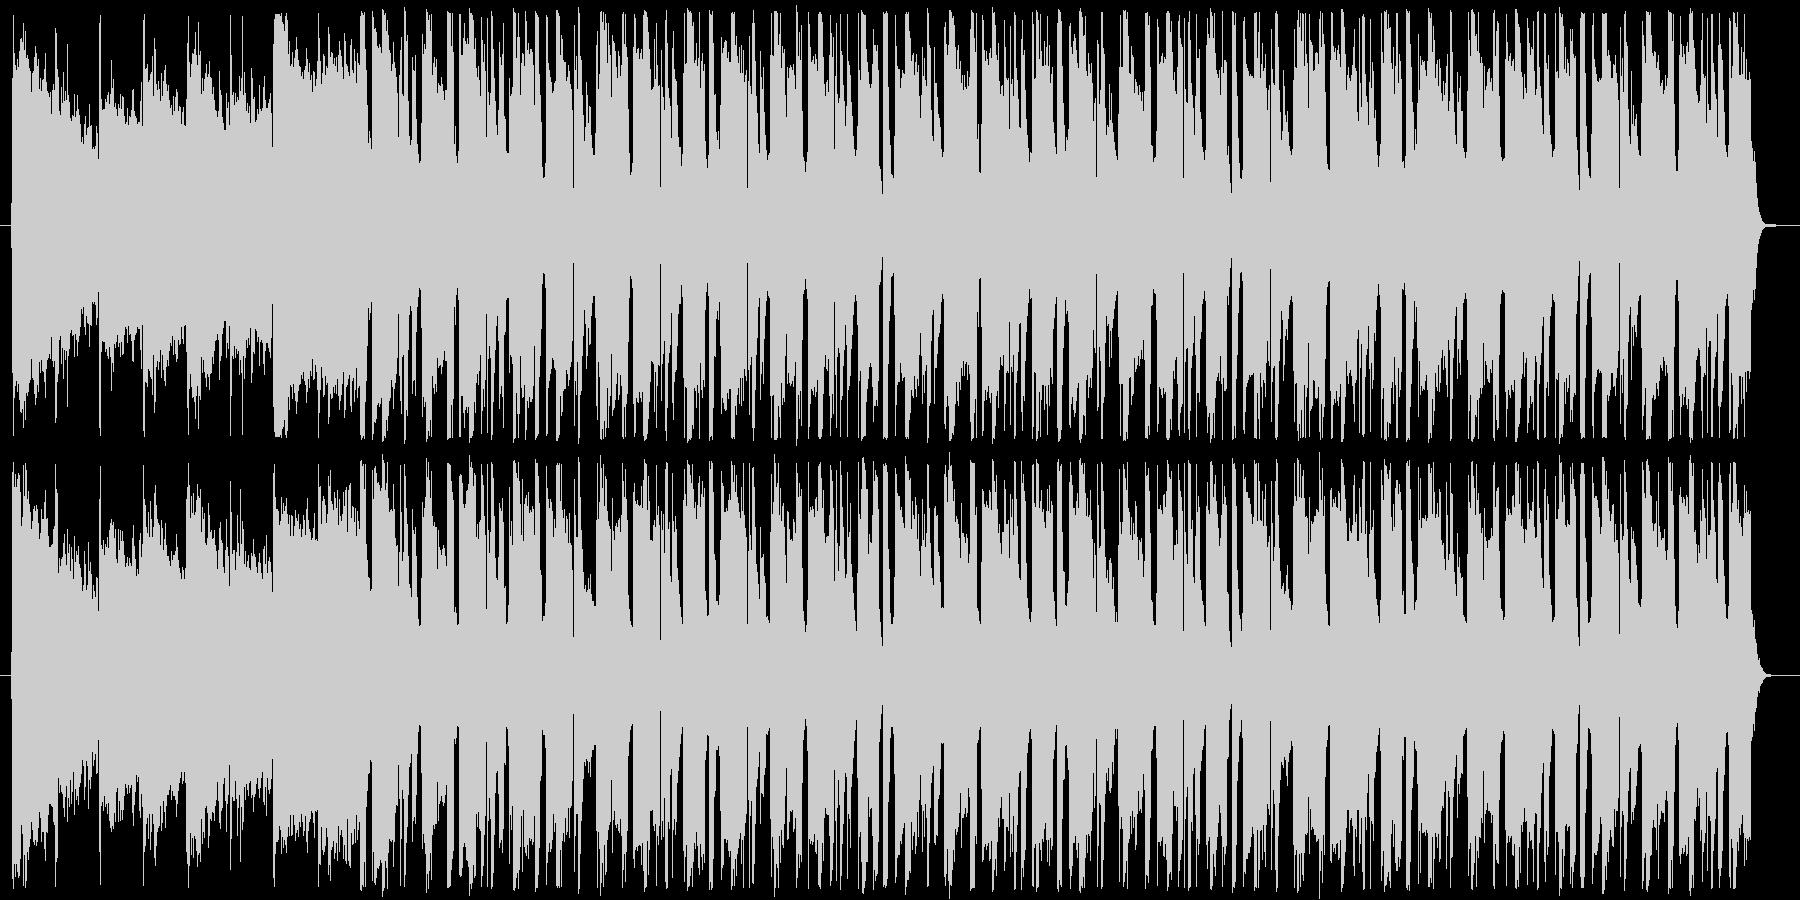 クラブ系ジャズピアノのBGMの未再生の波形